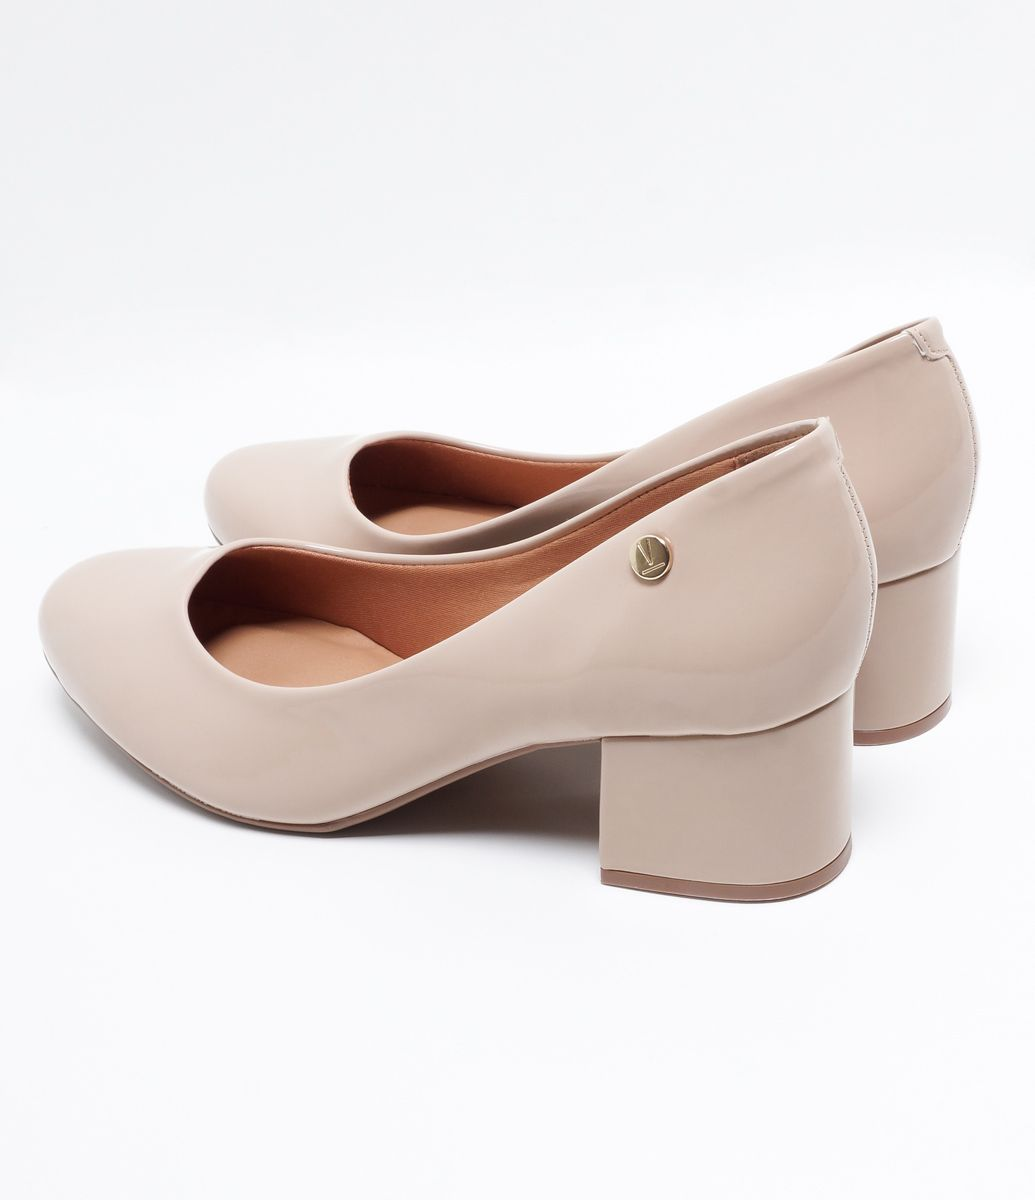 c4c0435ec4 Sapato feminino Modelo scarpin Bico redondo Salto médio Marca  Vizzano  Material  sintético COLEÇÃO VERÃO 2018 Veja mais opções de sapatos  femininos.